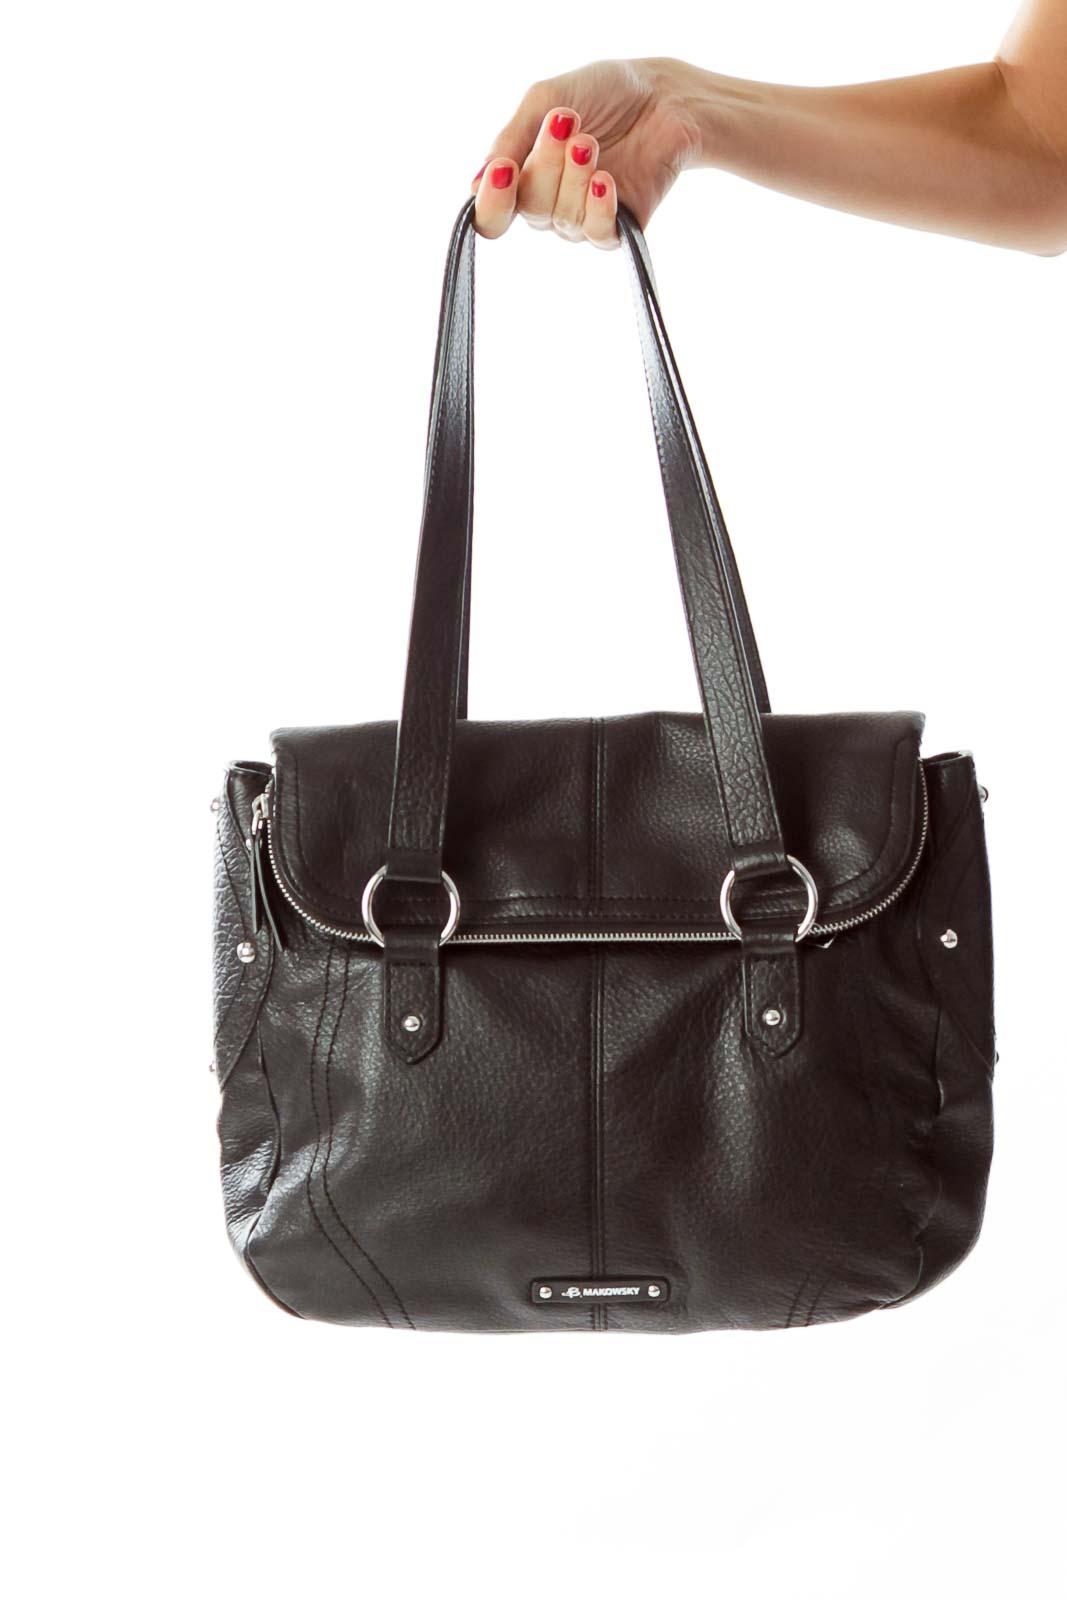 Black Double Strap Shoulder Bag Front